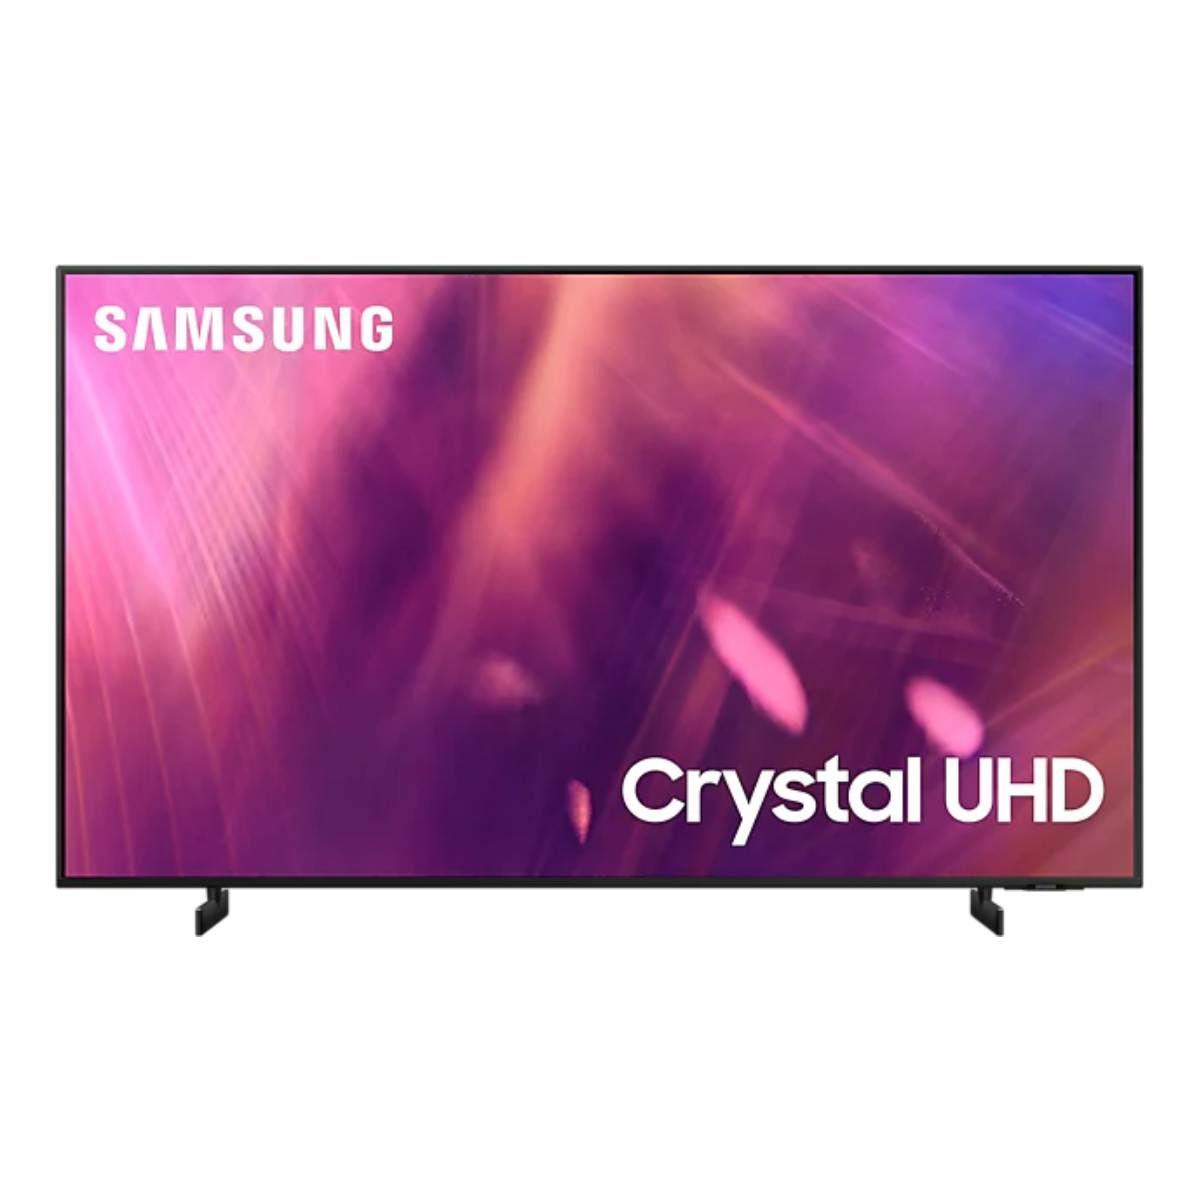 सैमसंग AU9070 55-inch Crystal 4K UHD टीवी